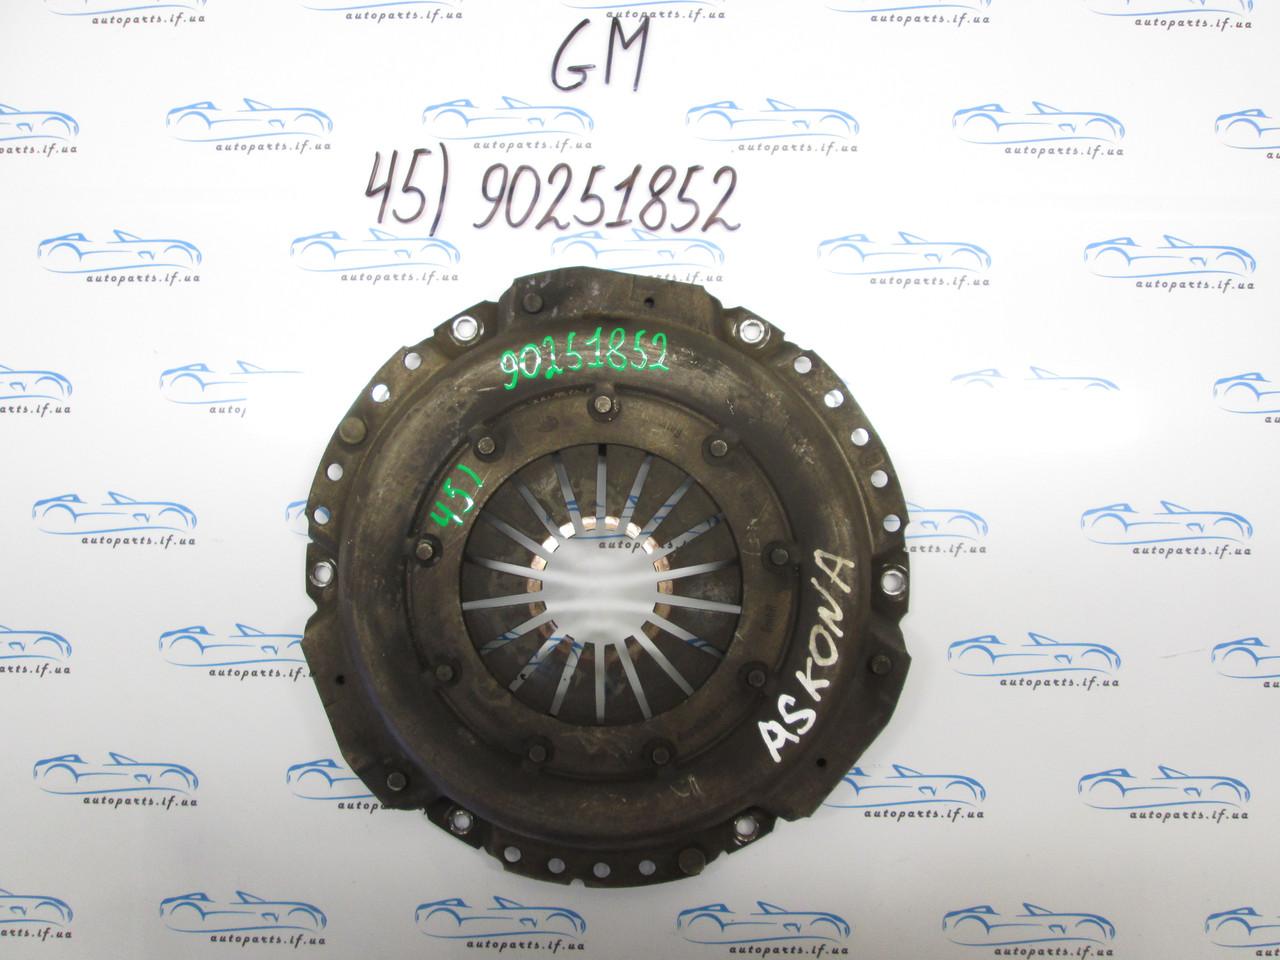 Корзина сцепления Opel Ascona, Аскона №45 90251852